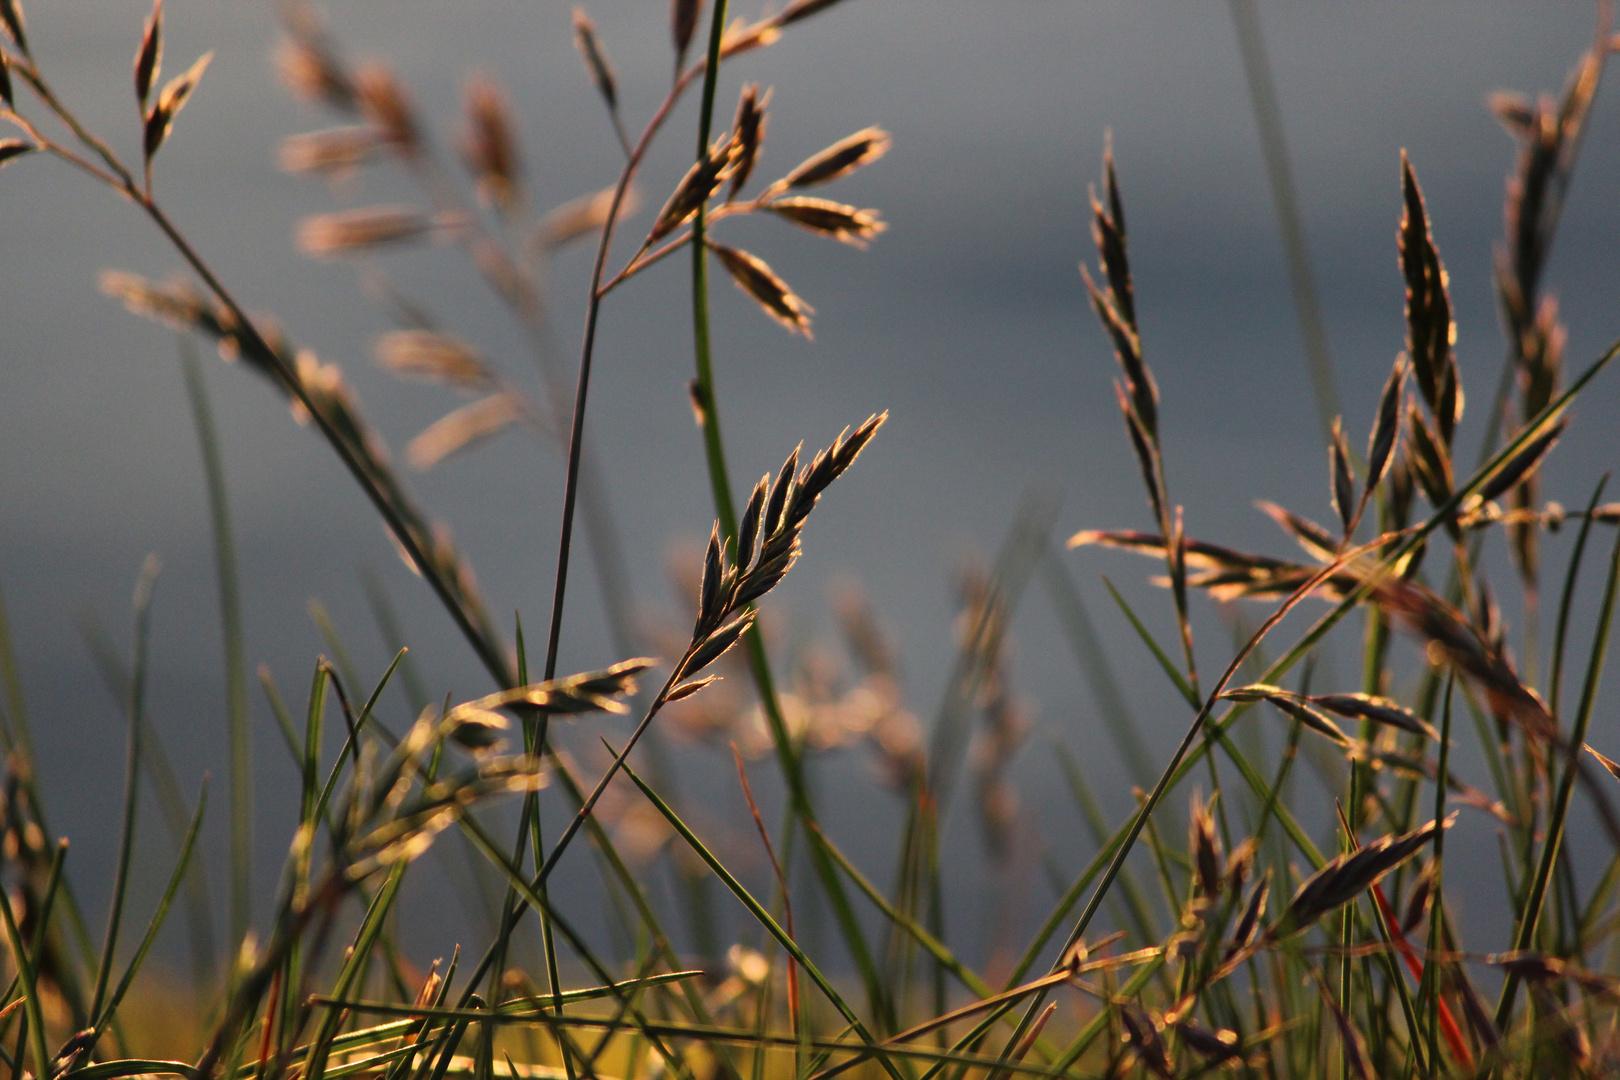 Gras im Licht der Mitternachtssonne